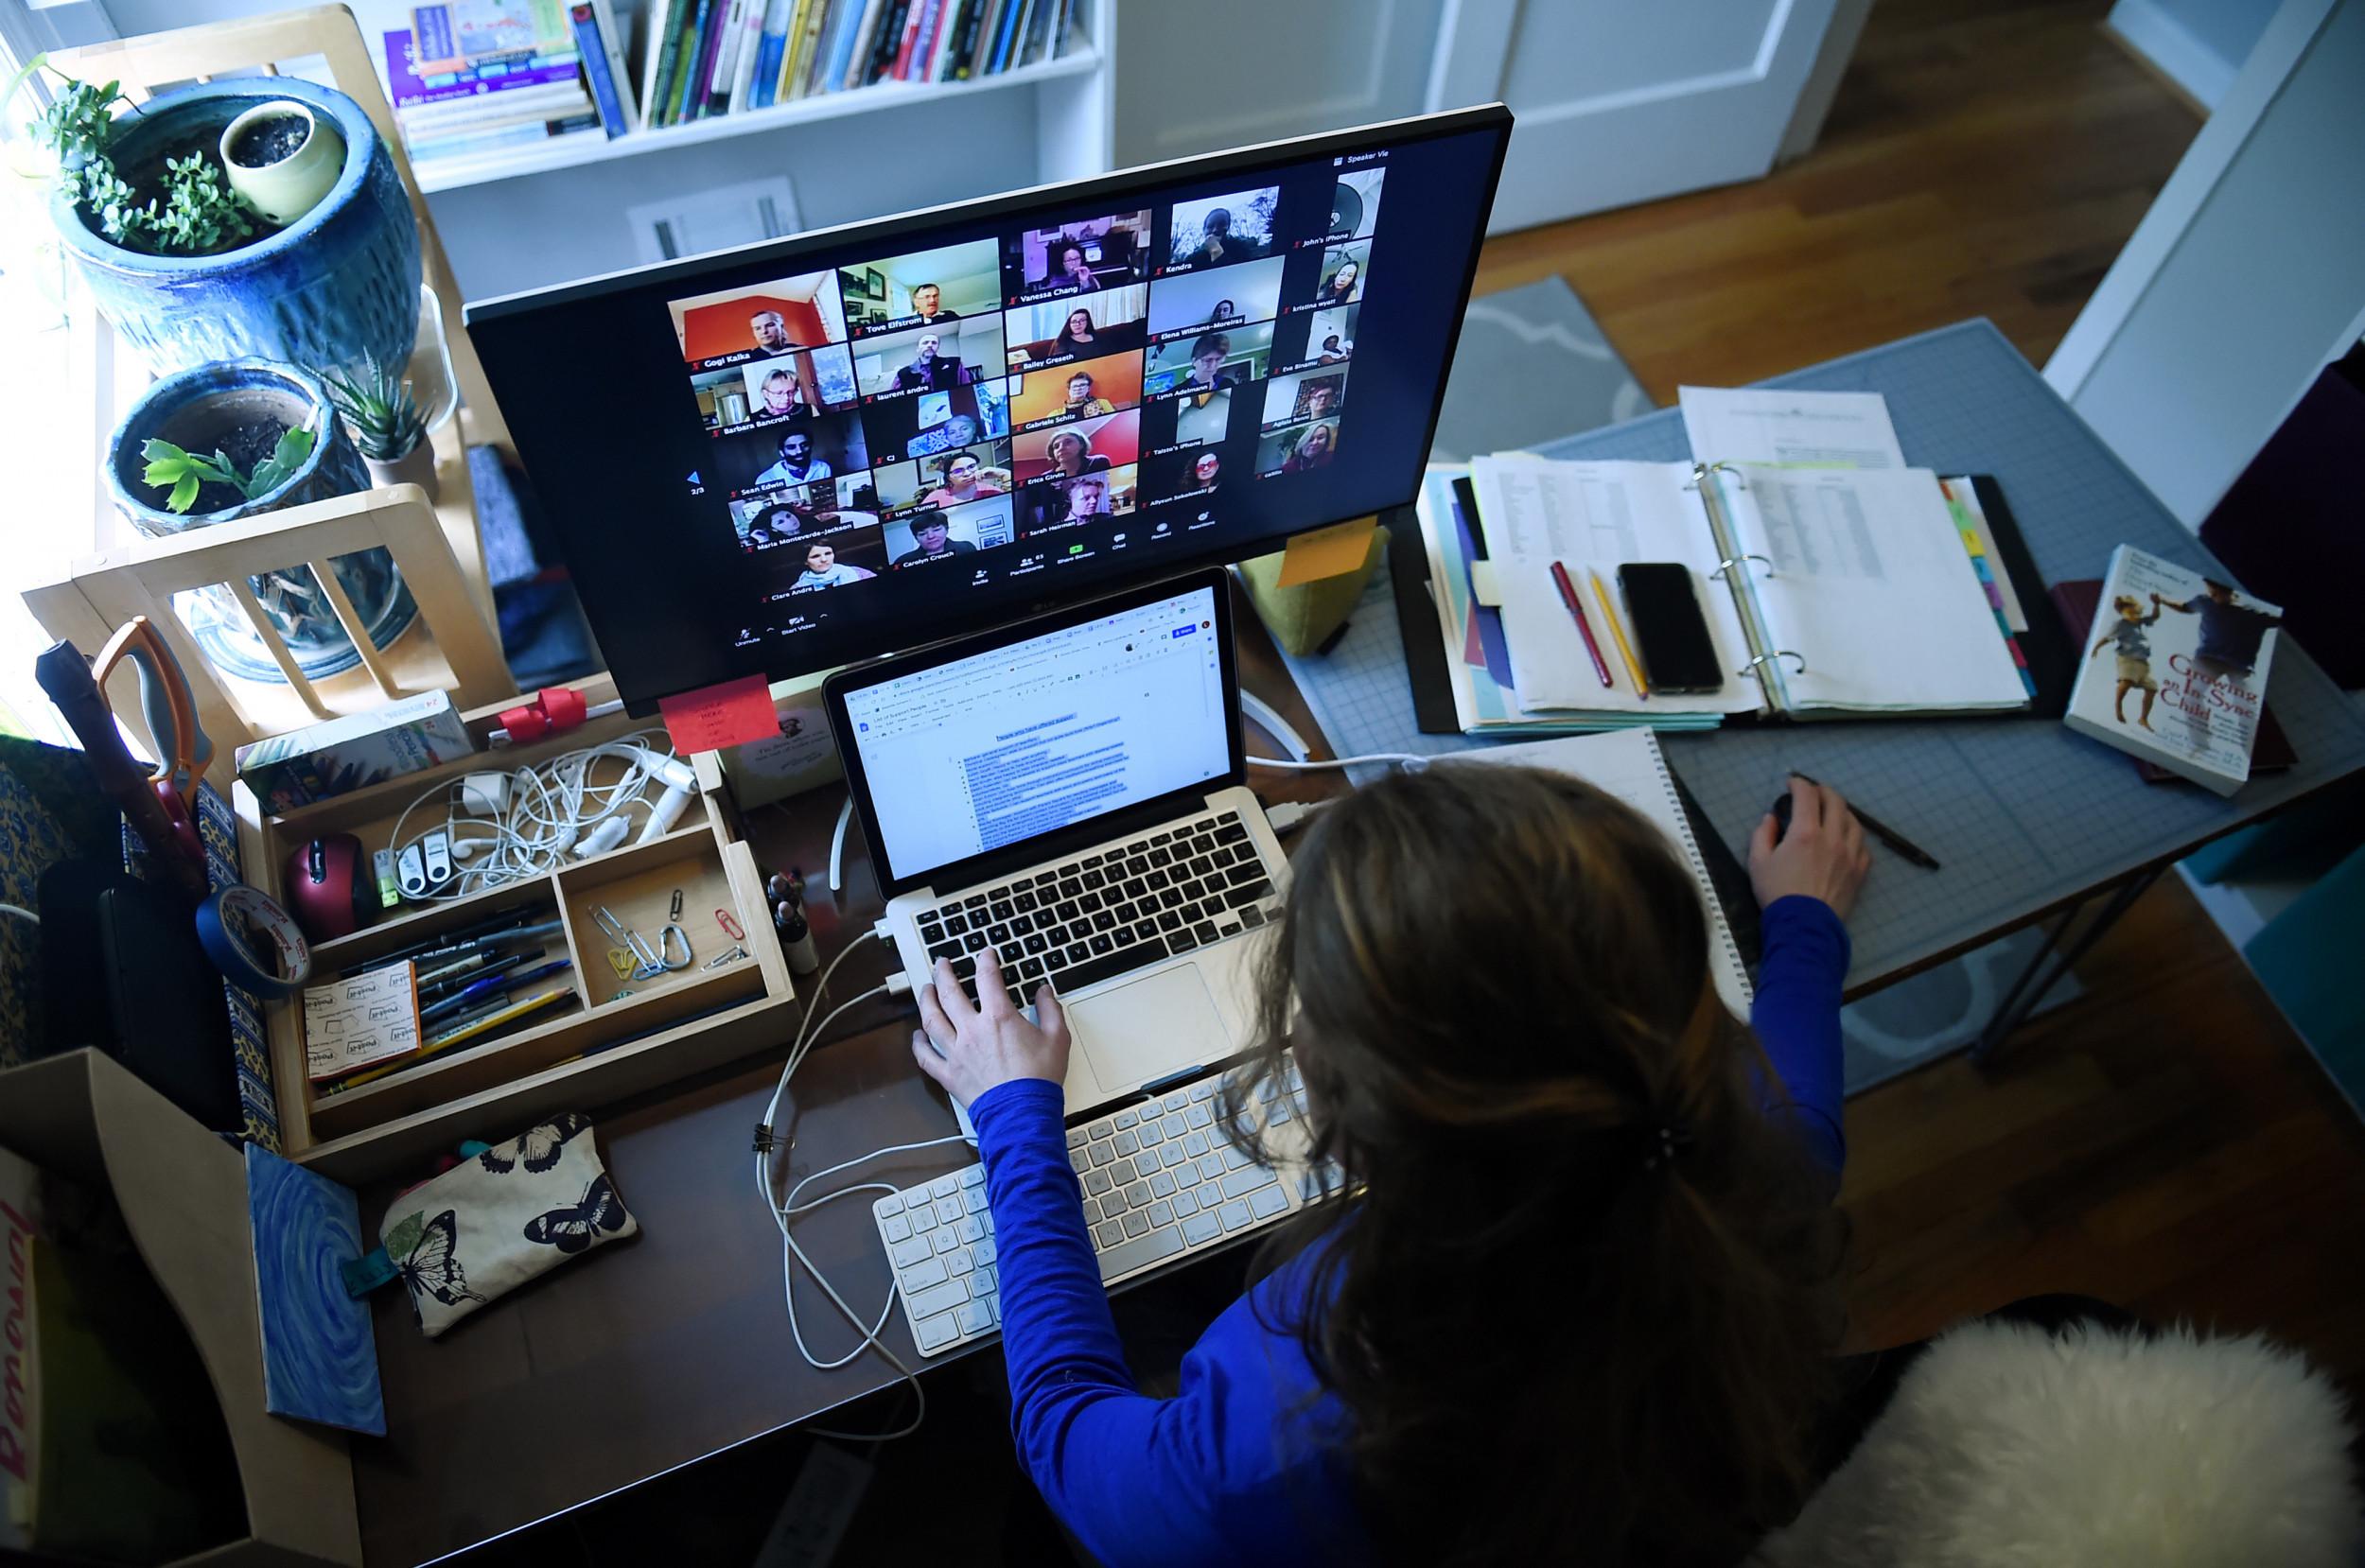 Hơn 500.000 tài khoản Zoom bị lộ, lọt thông tin người sử dụng - 3